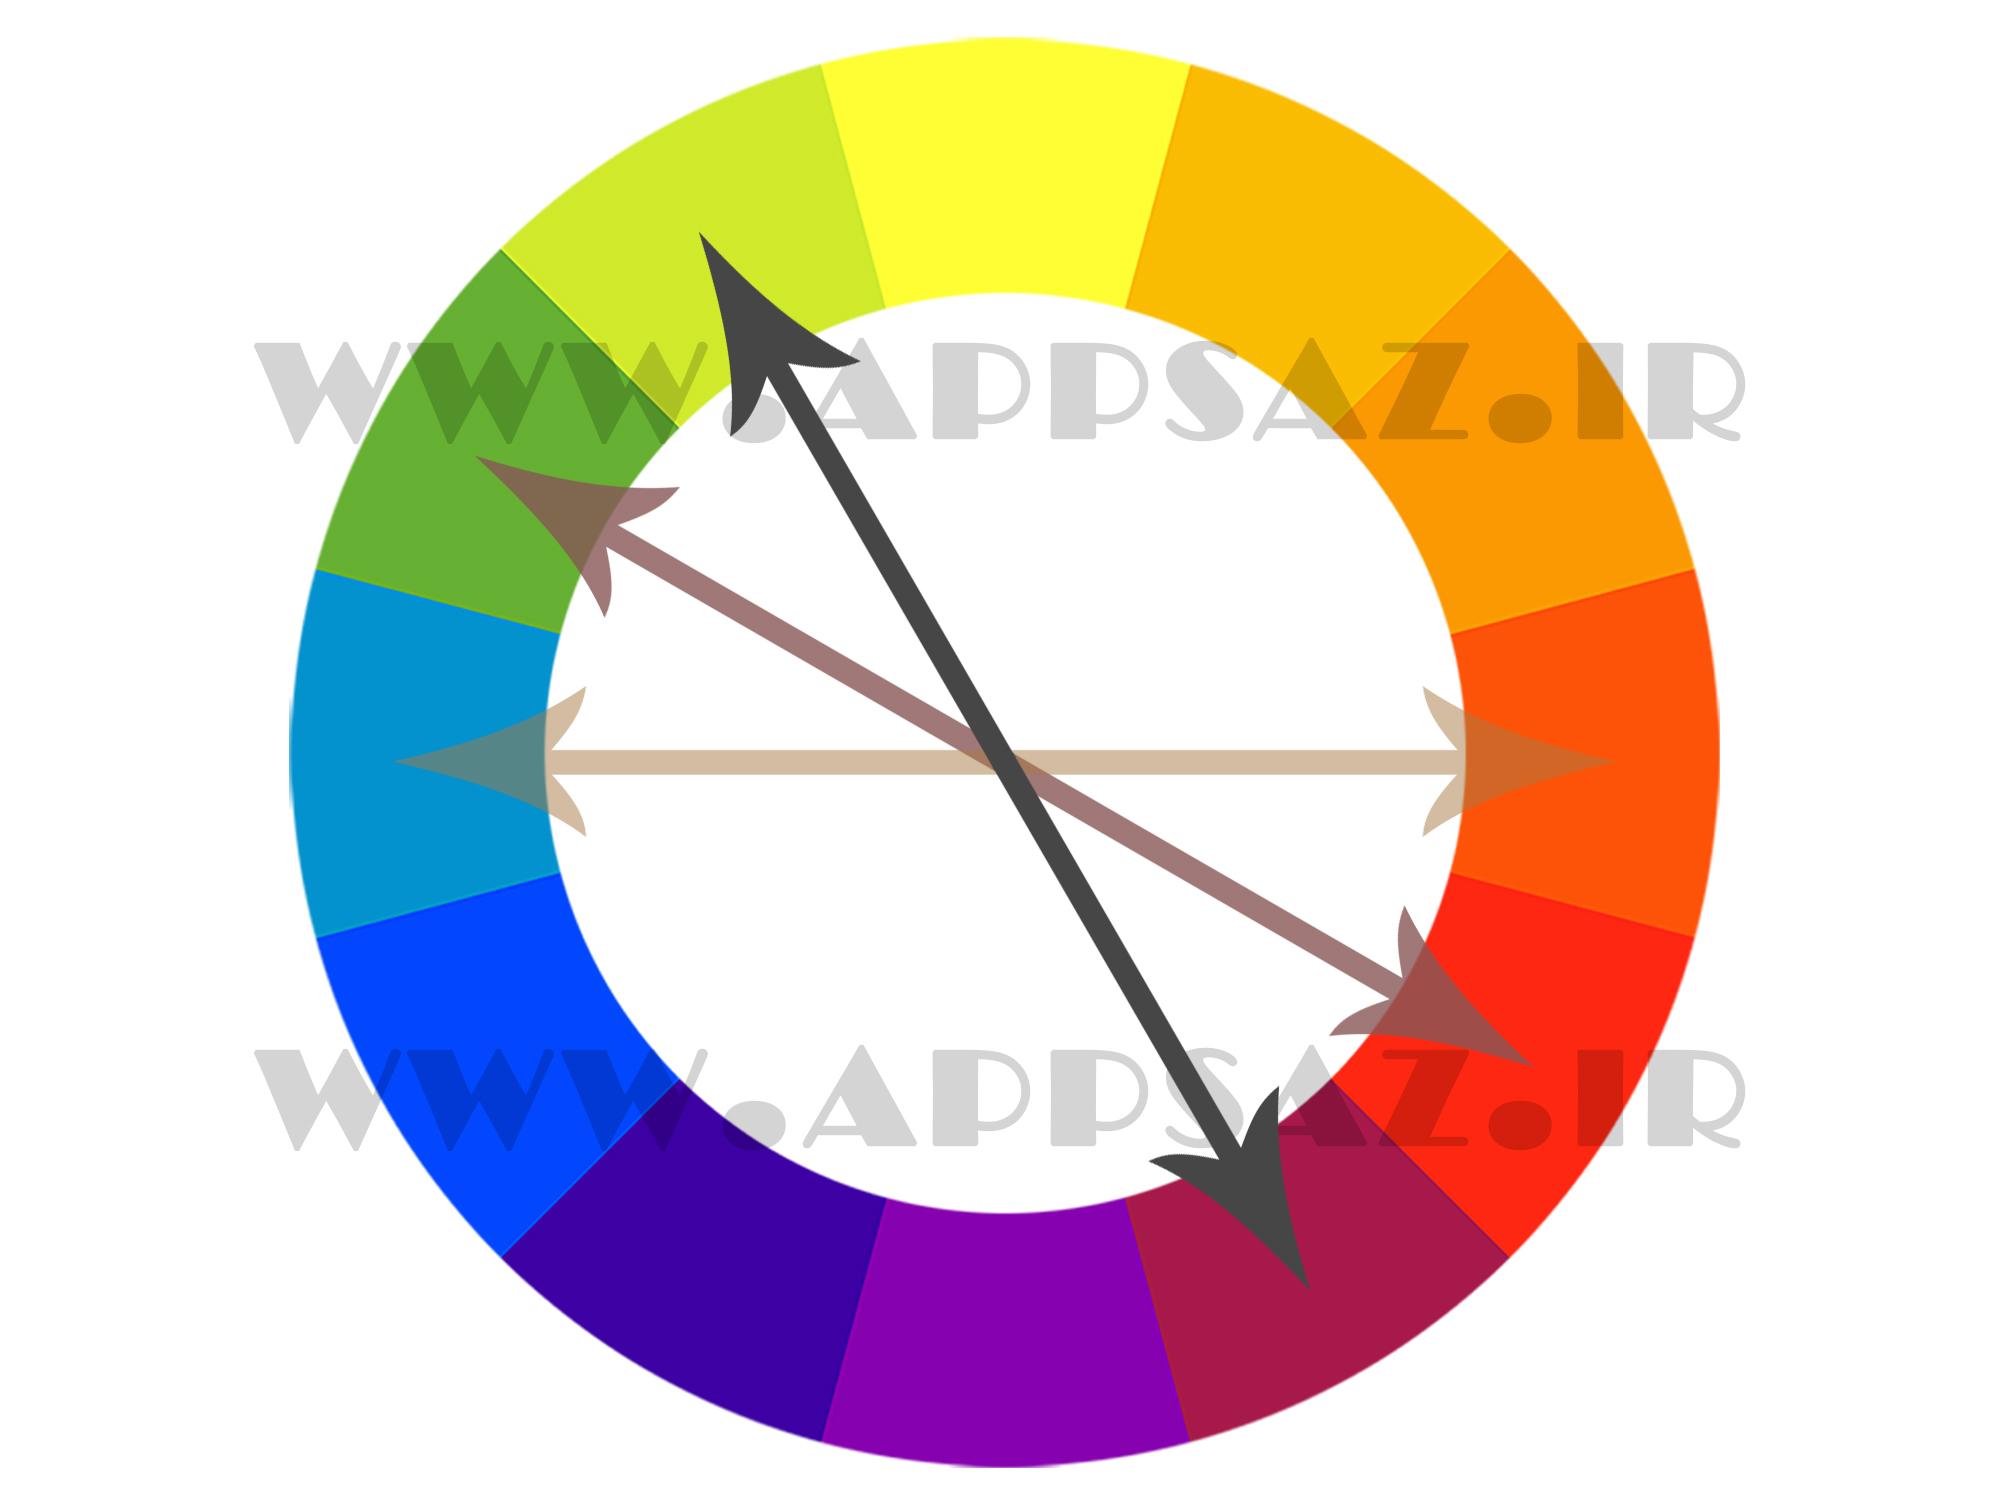 complementery colors - رنگ های مکمل